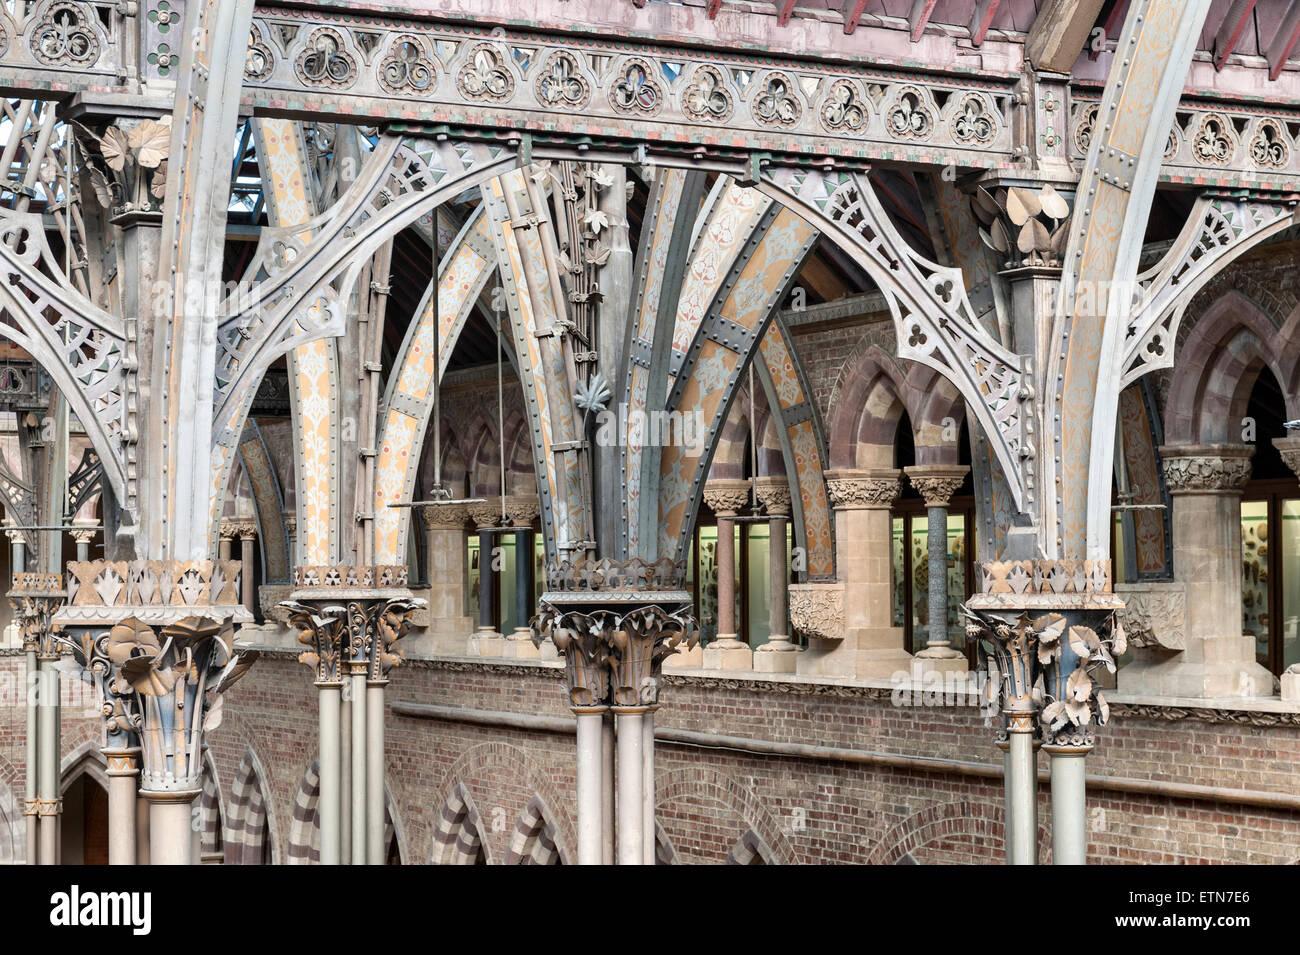 Der Oxford University Museum of Natural History, UK. Die Haupthalle zeigt die gusseisernen Säulen, die das Stockbild